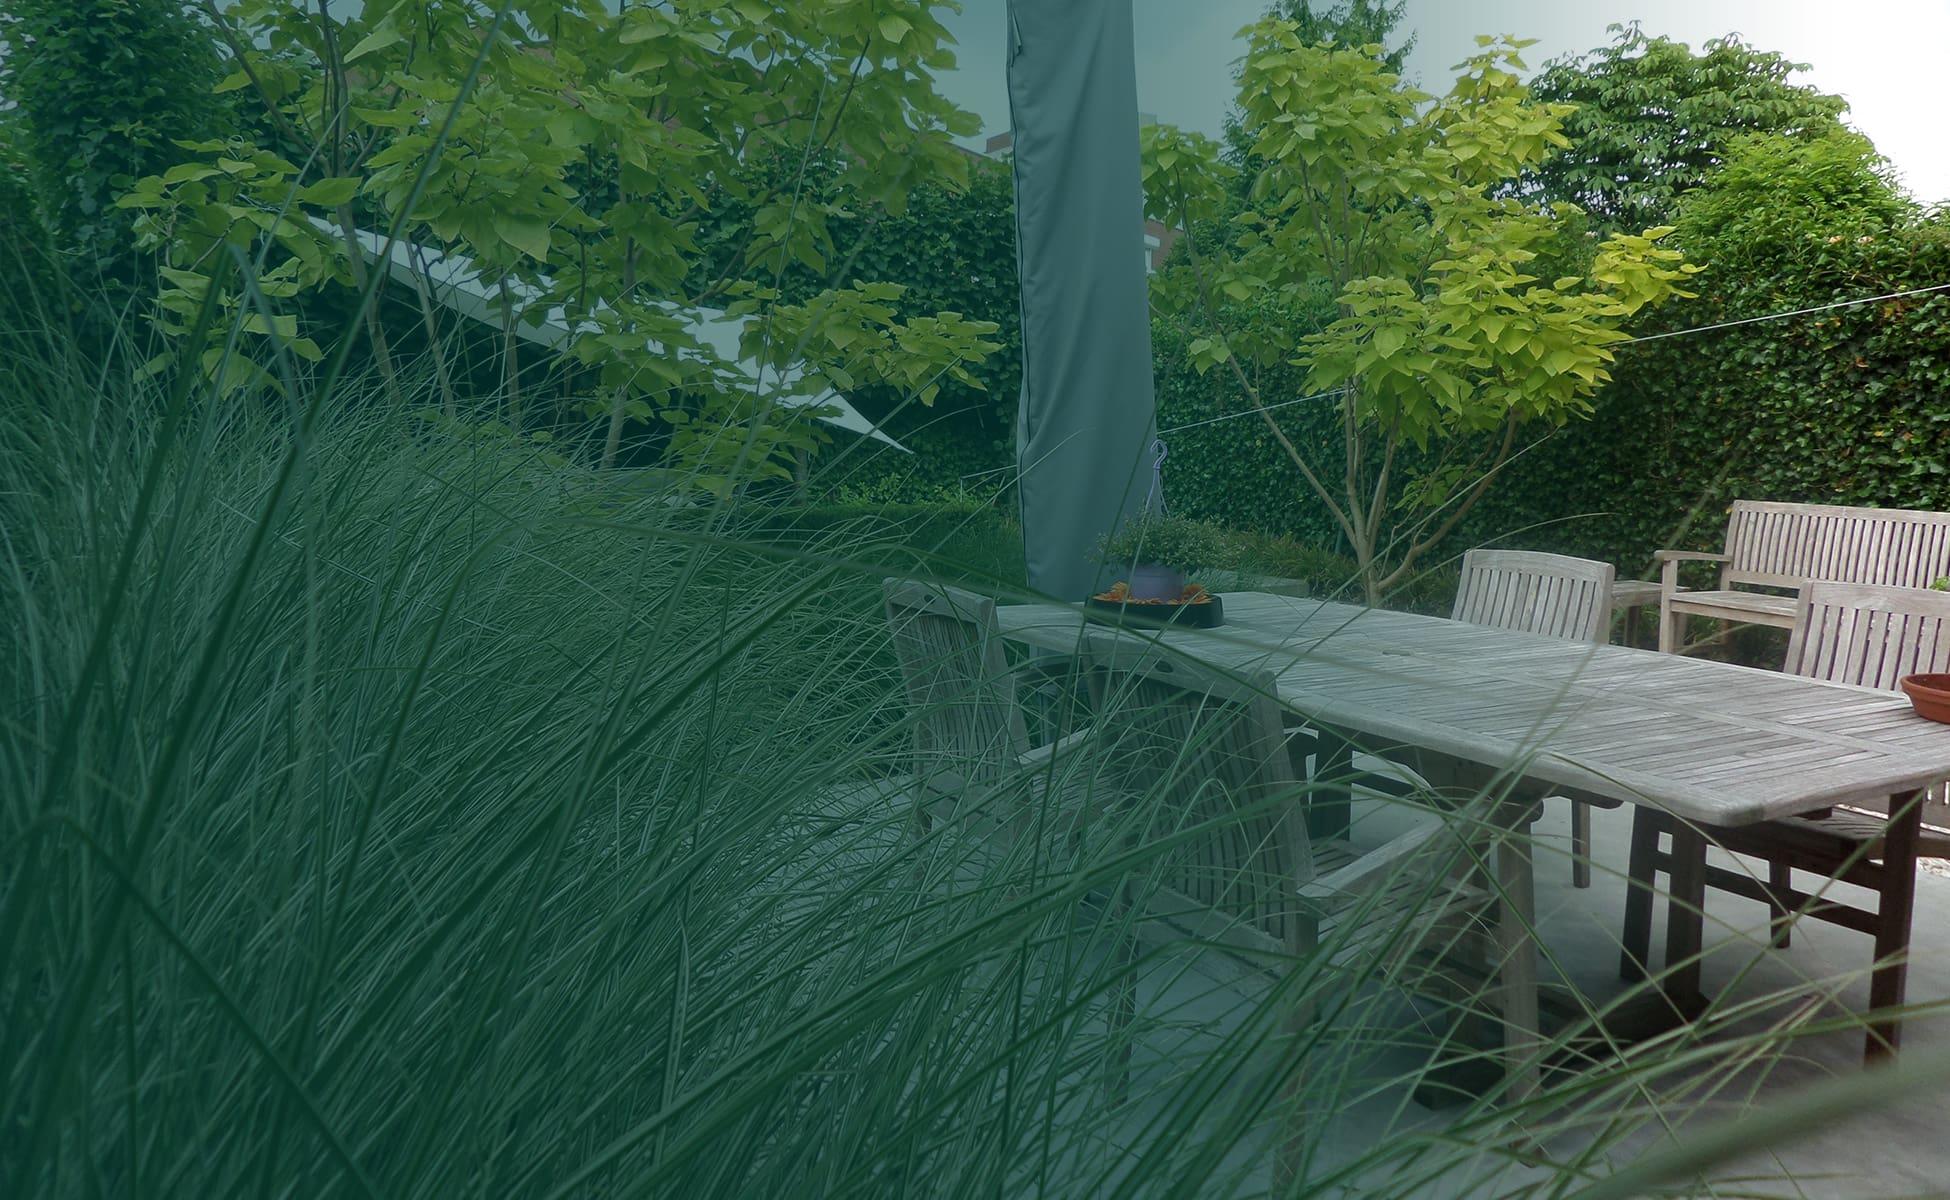 Dé tuinman voor uw tuinonderhoud